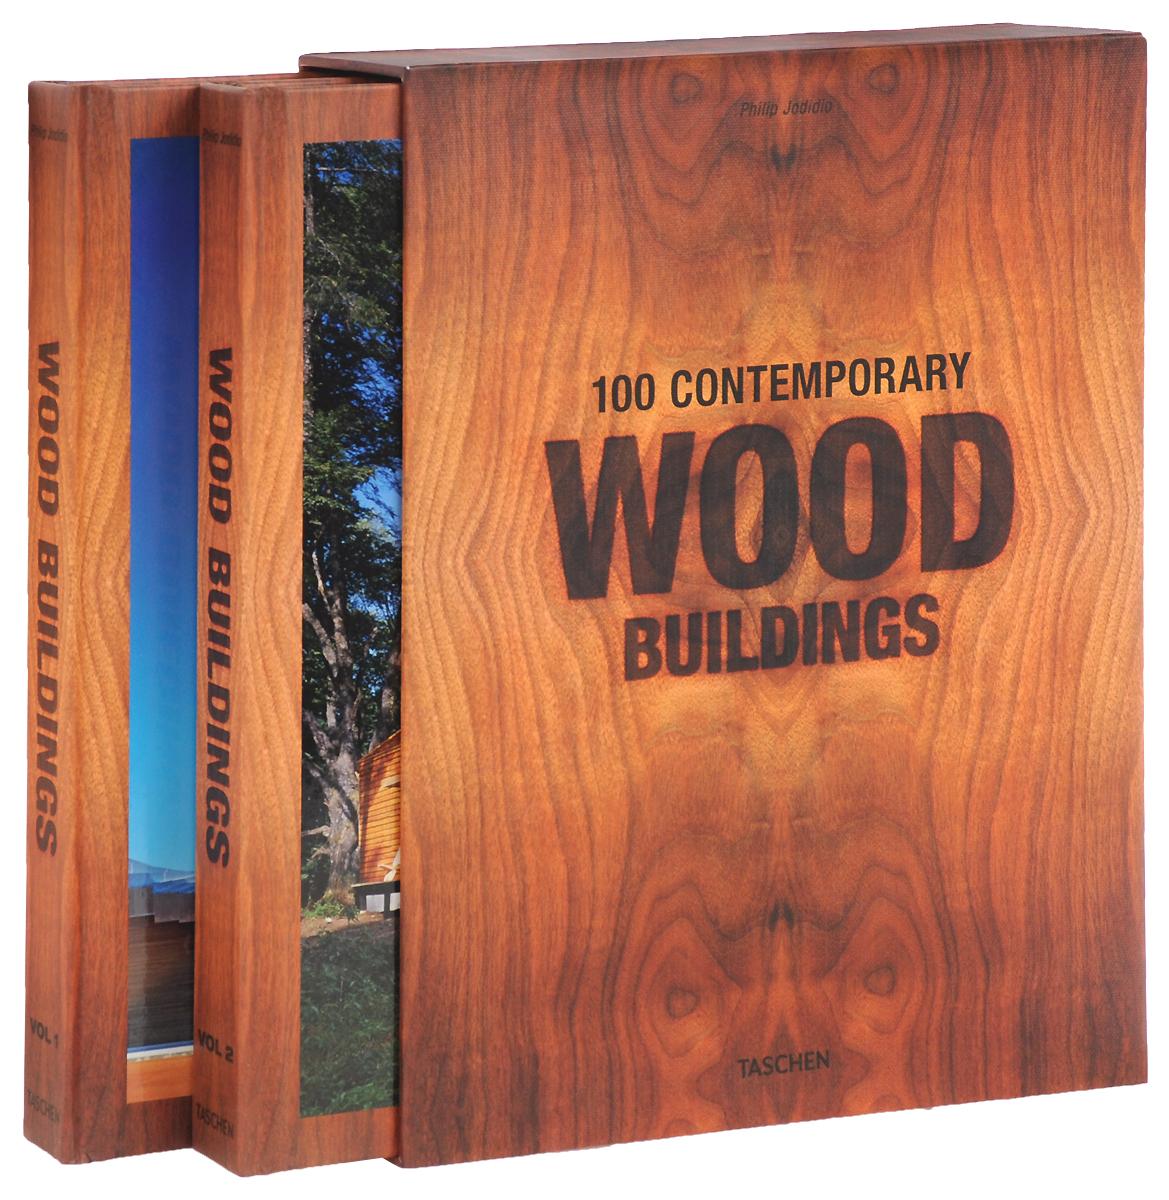 Philip Jodidio. 100 Contemporary Wood Buildings